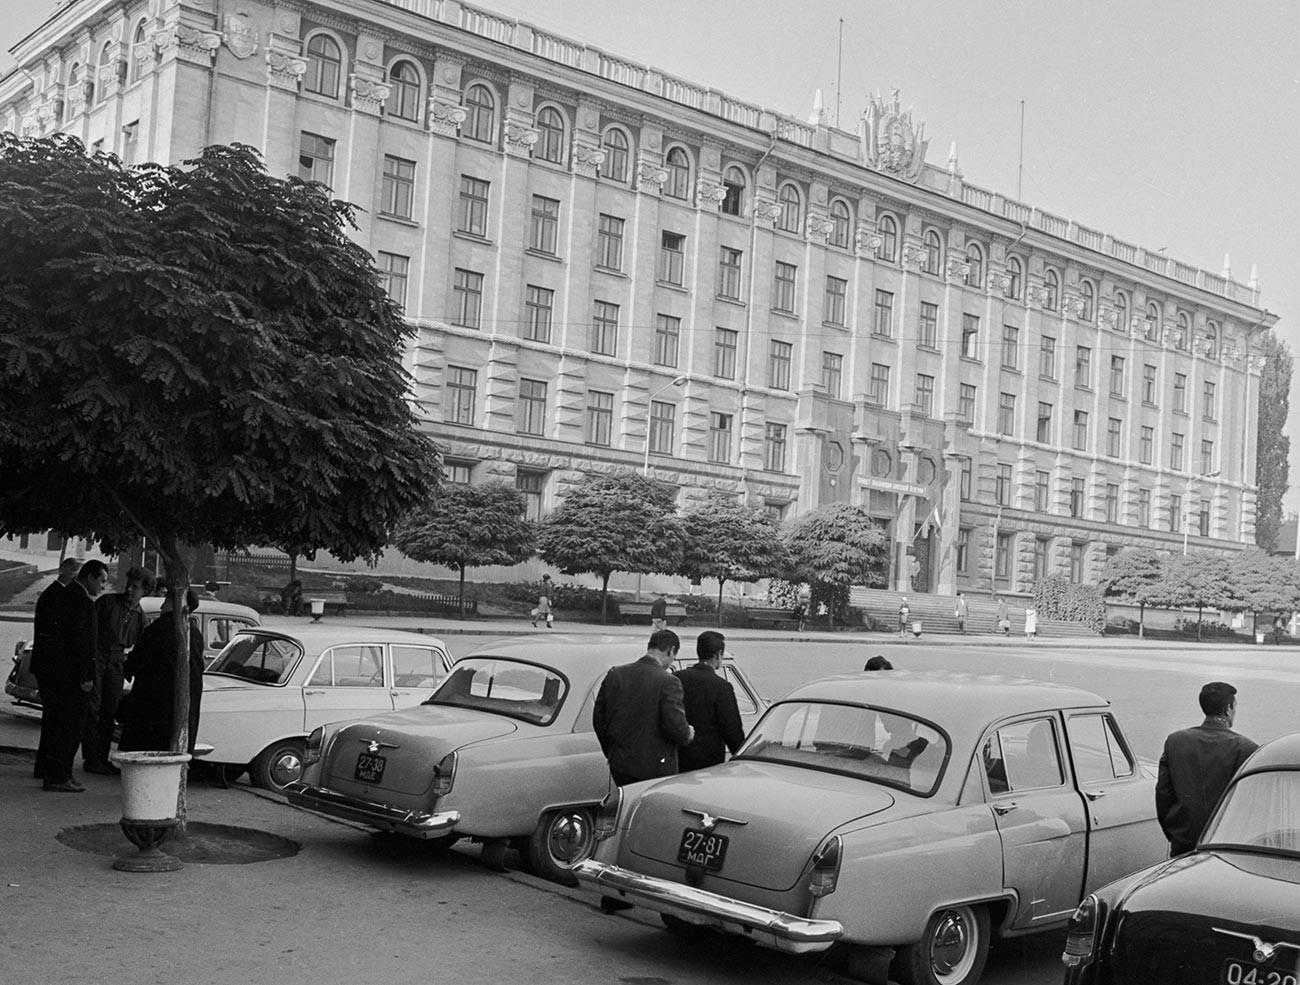 Молдовската академия на науките, 1966 г.